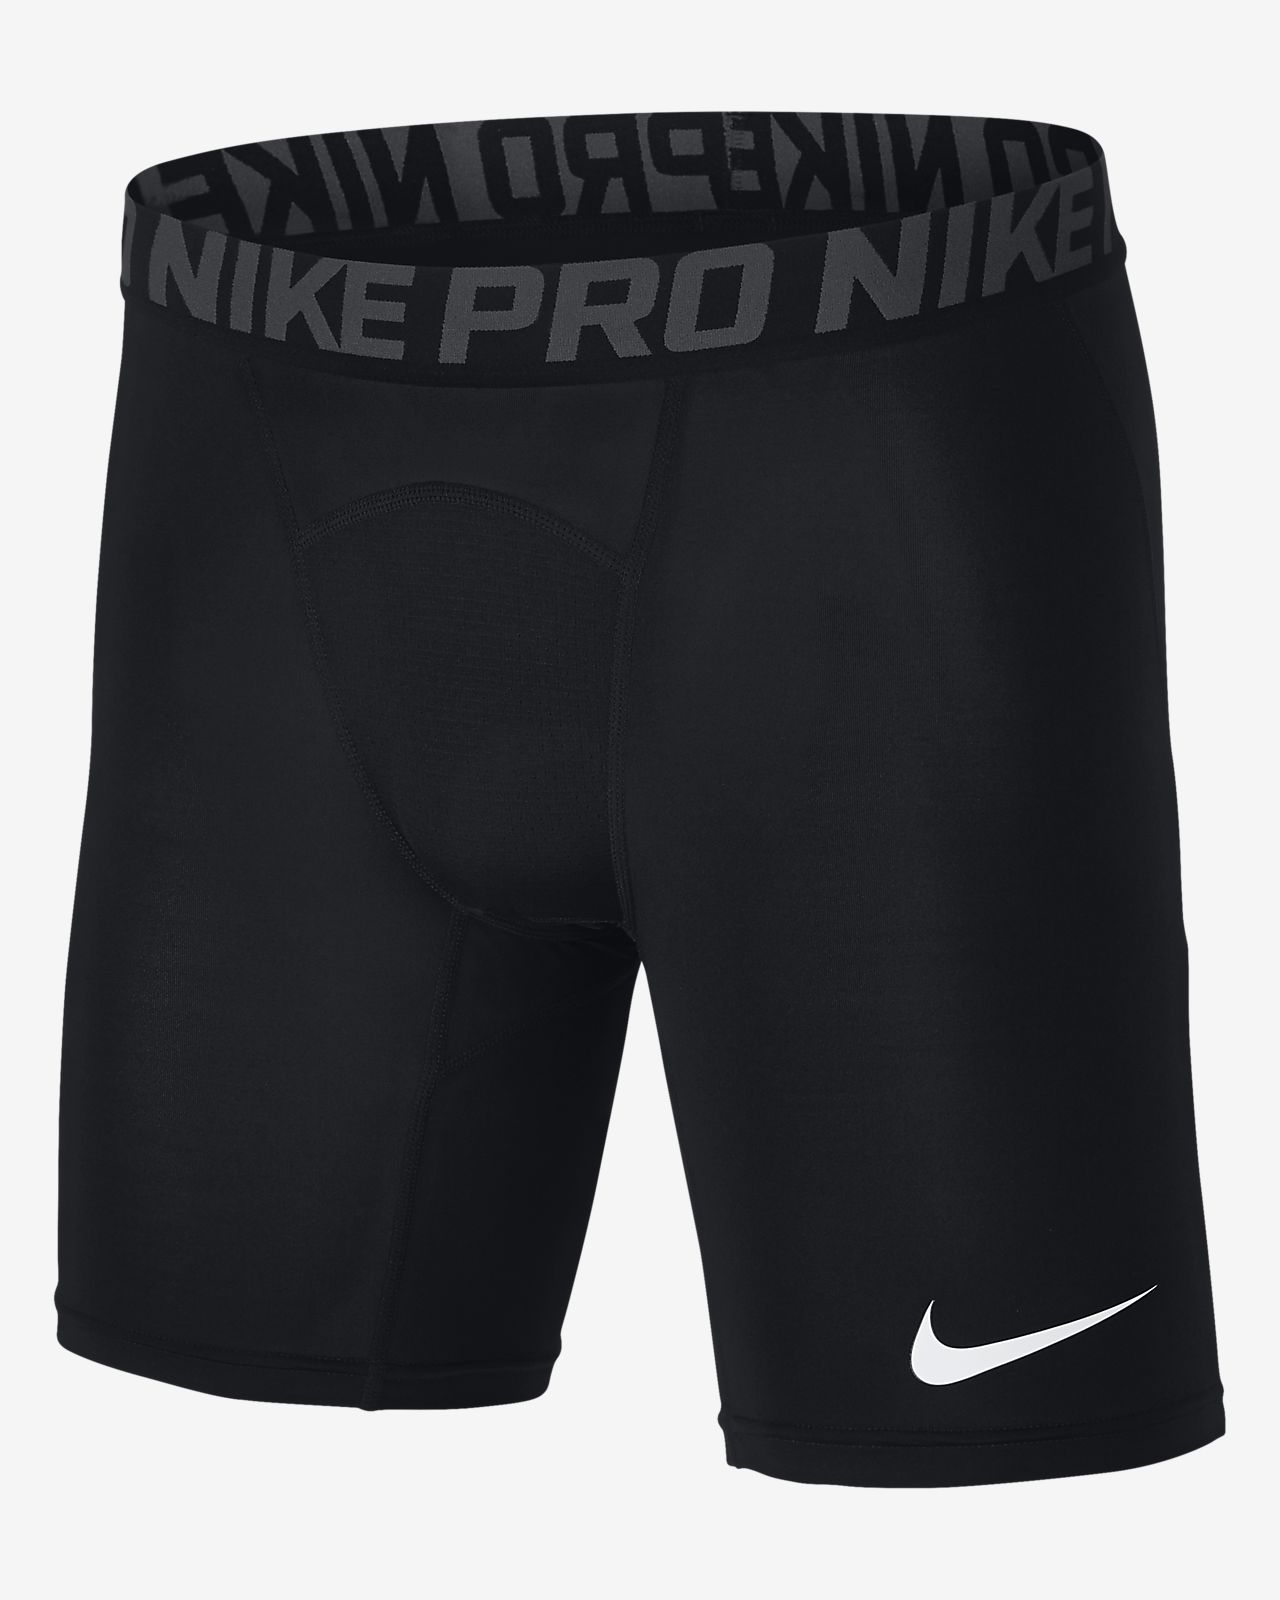 Nike Pro Pantalons curts d'entrenament de 15 cm - Home